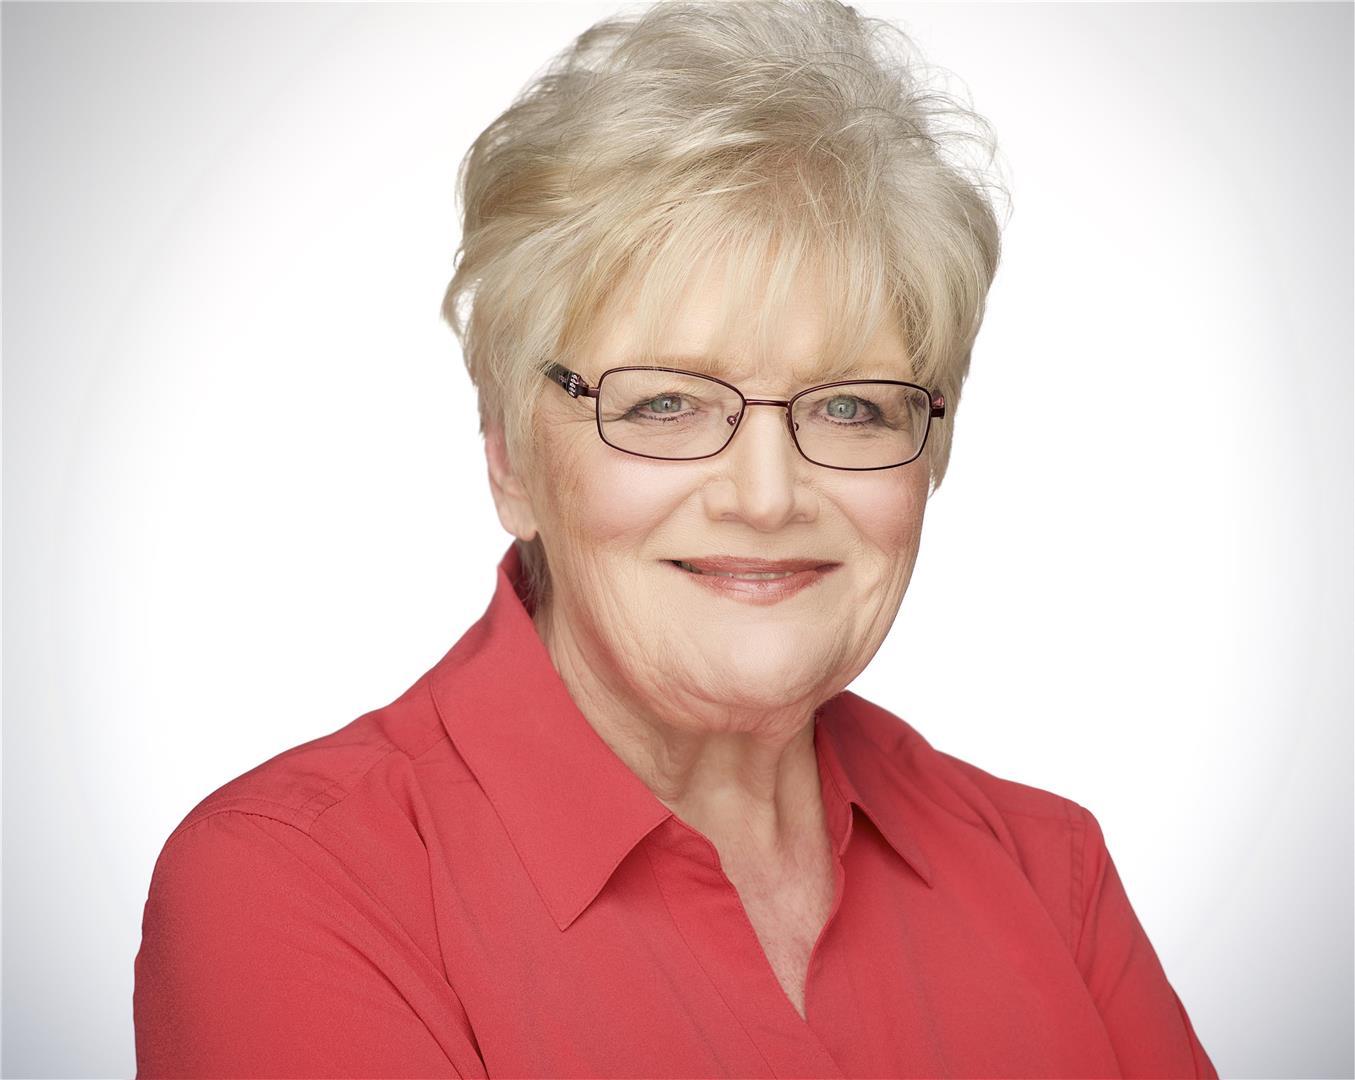 Linda Chevallier